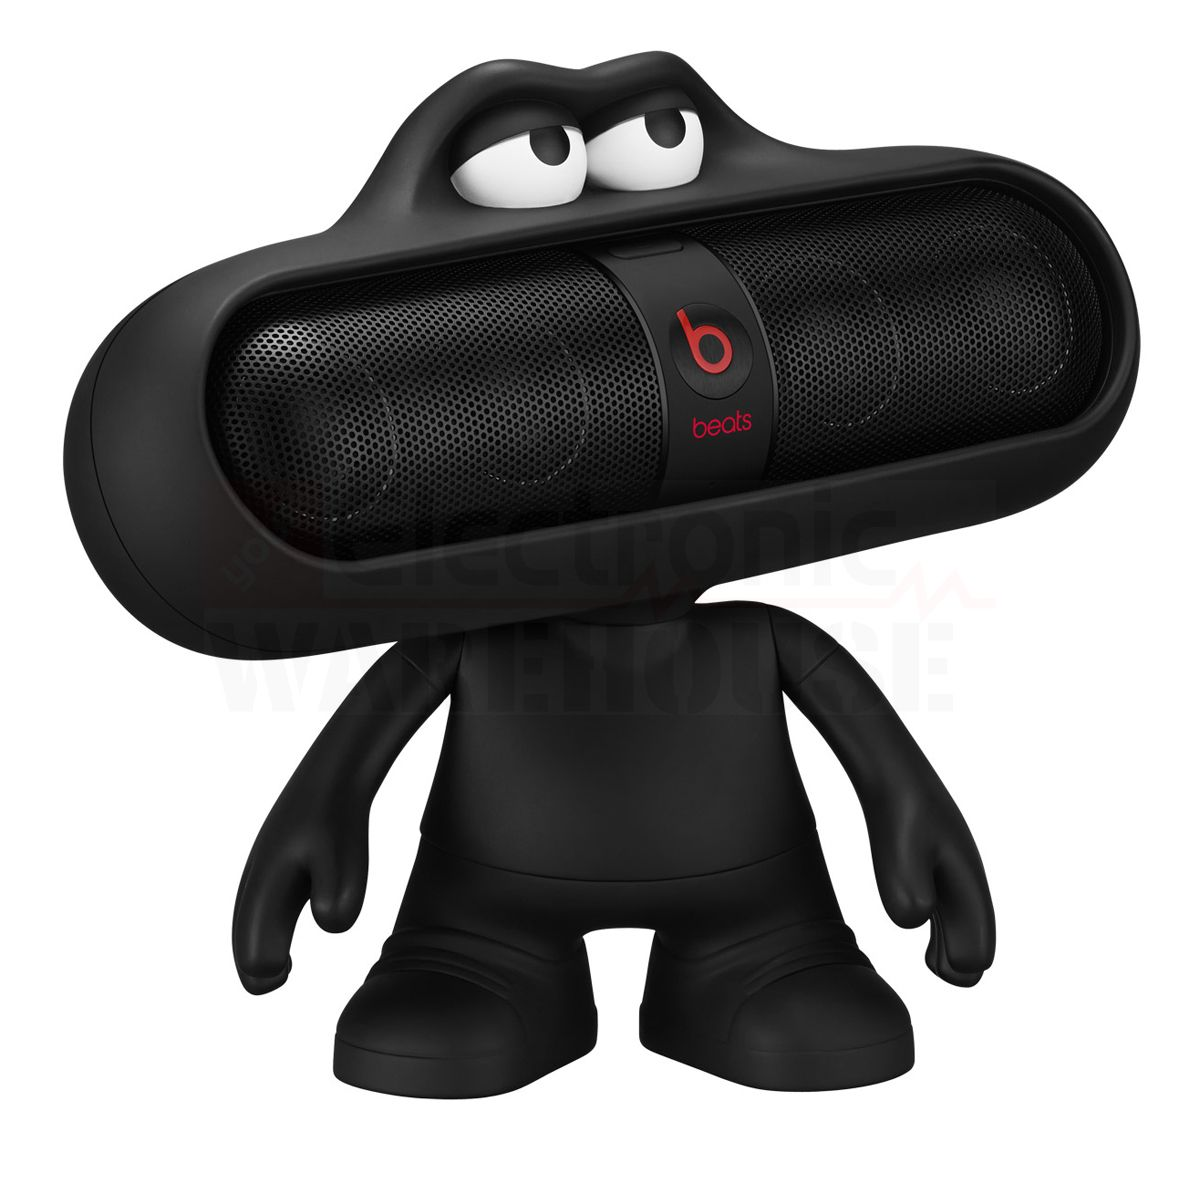 เคสตุ๊กตาวางลำโพงบีทพิลแคปซูล Beats Dude Stand for Pill Portable Speaker(Black)ของแท้100%